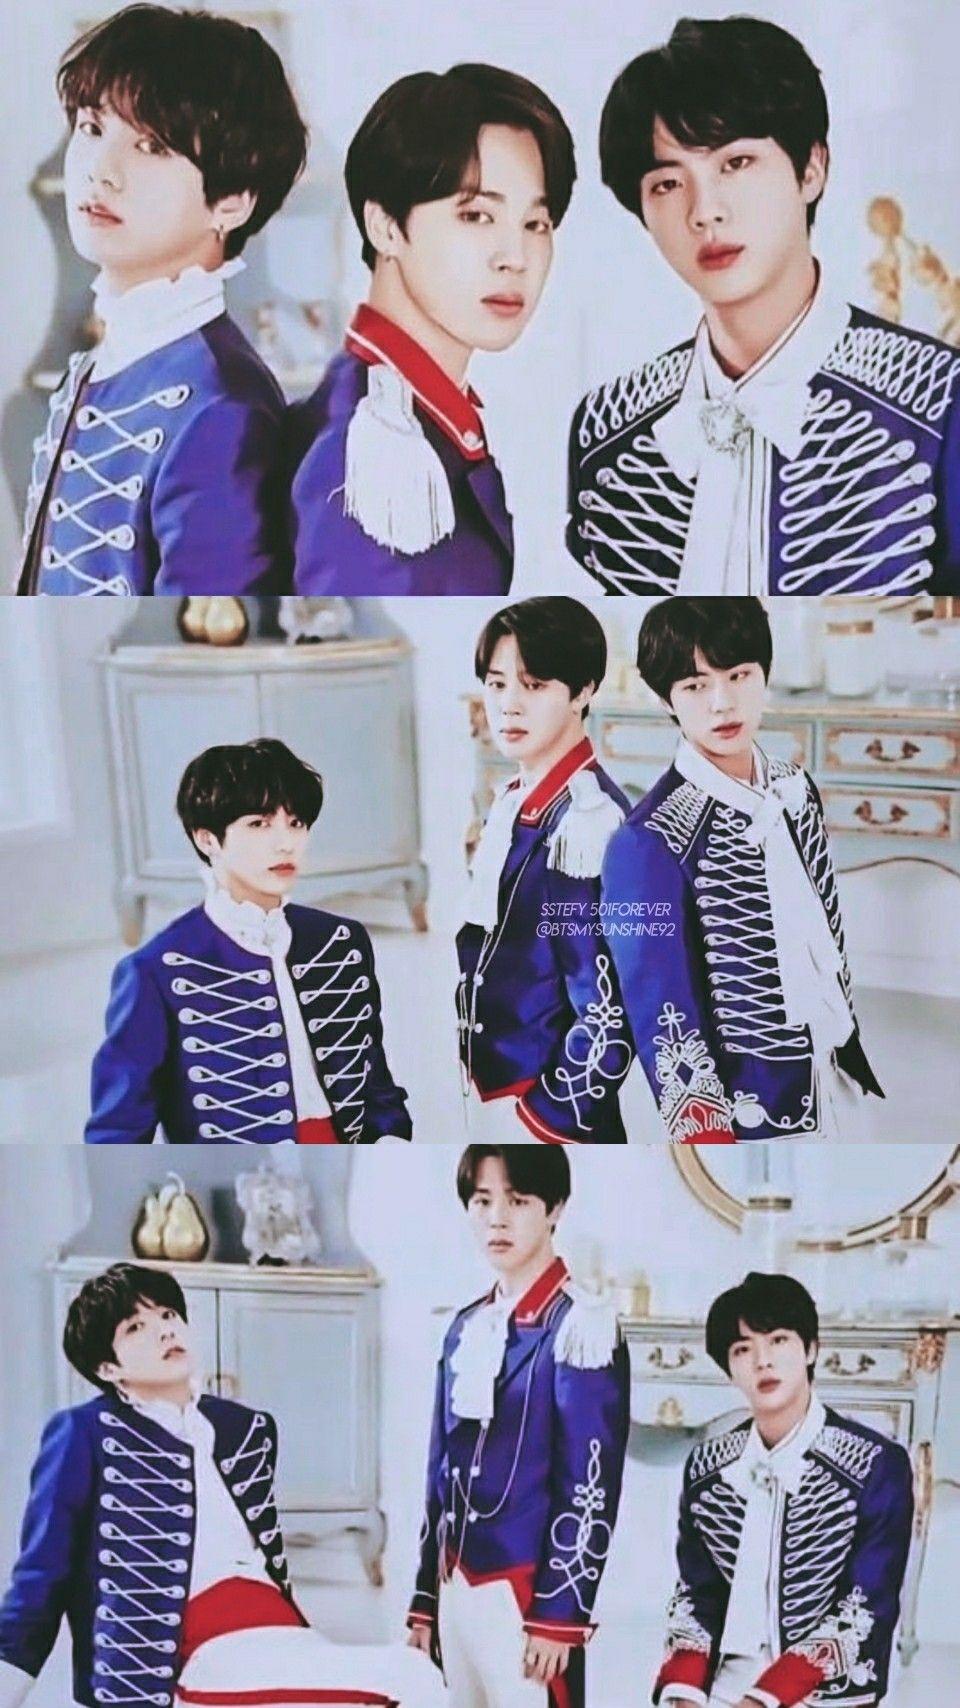 Jungkook Jimin Jin Fancafe Lockscreen Wallpapers Bts Bangtan Boy Bts Boys Bangtan Boys Wallpaper bts jungkook dan jimin